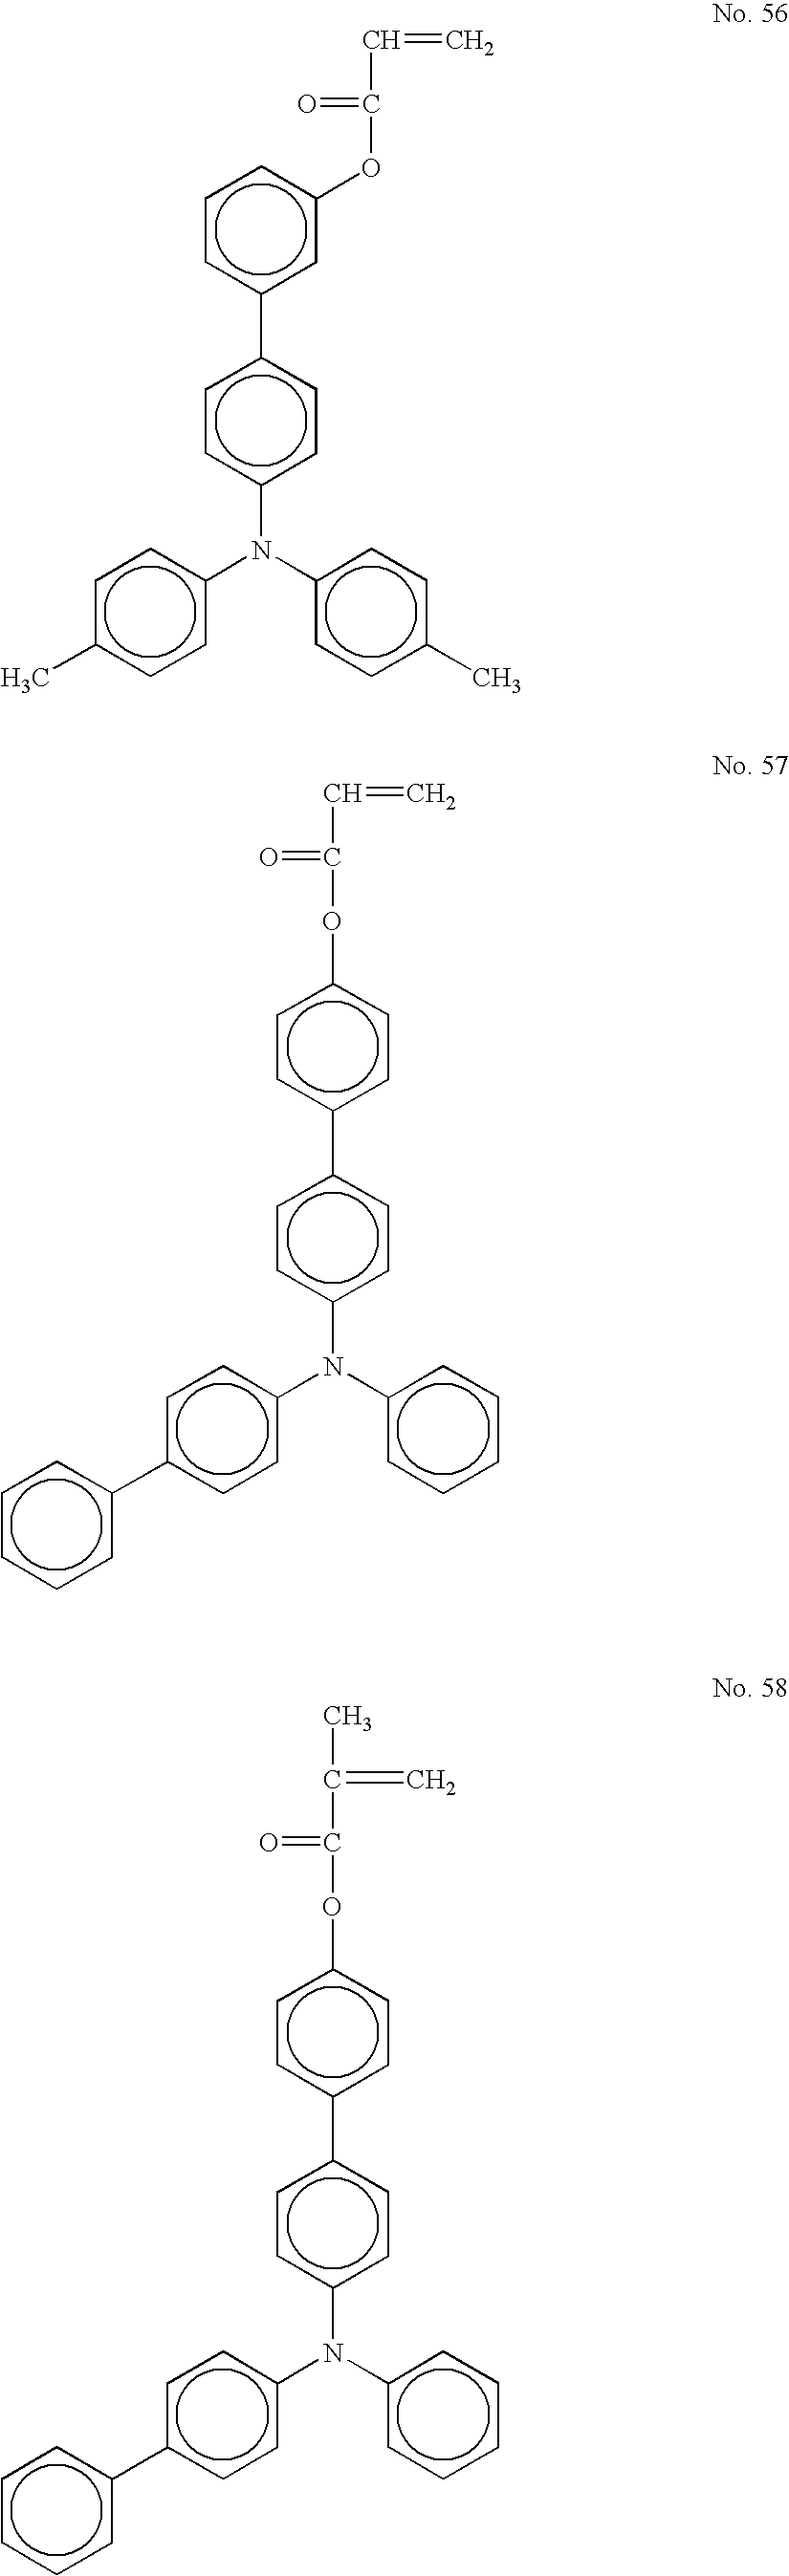 Figure US07390600-20080624-C00021